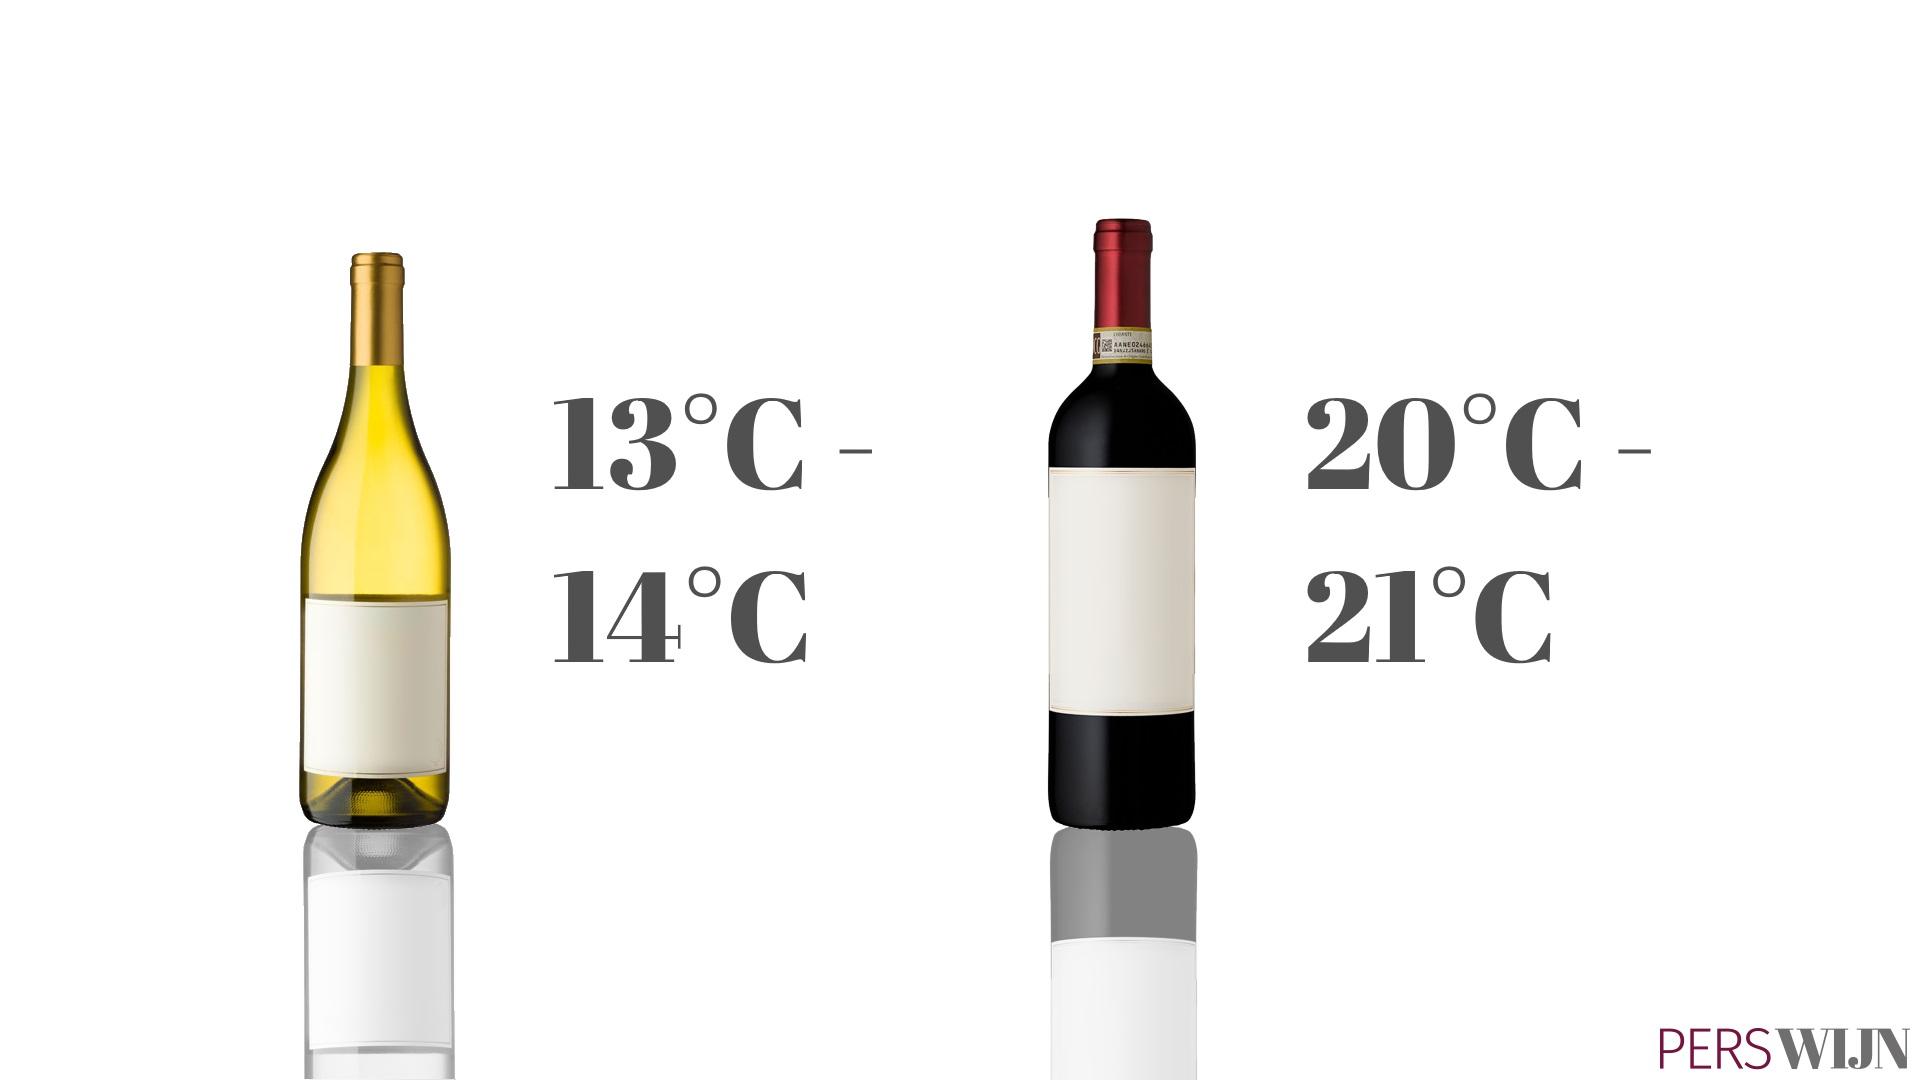 Wijn op de juiste temperatuur